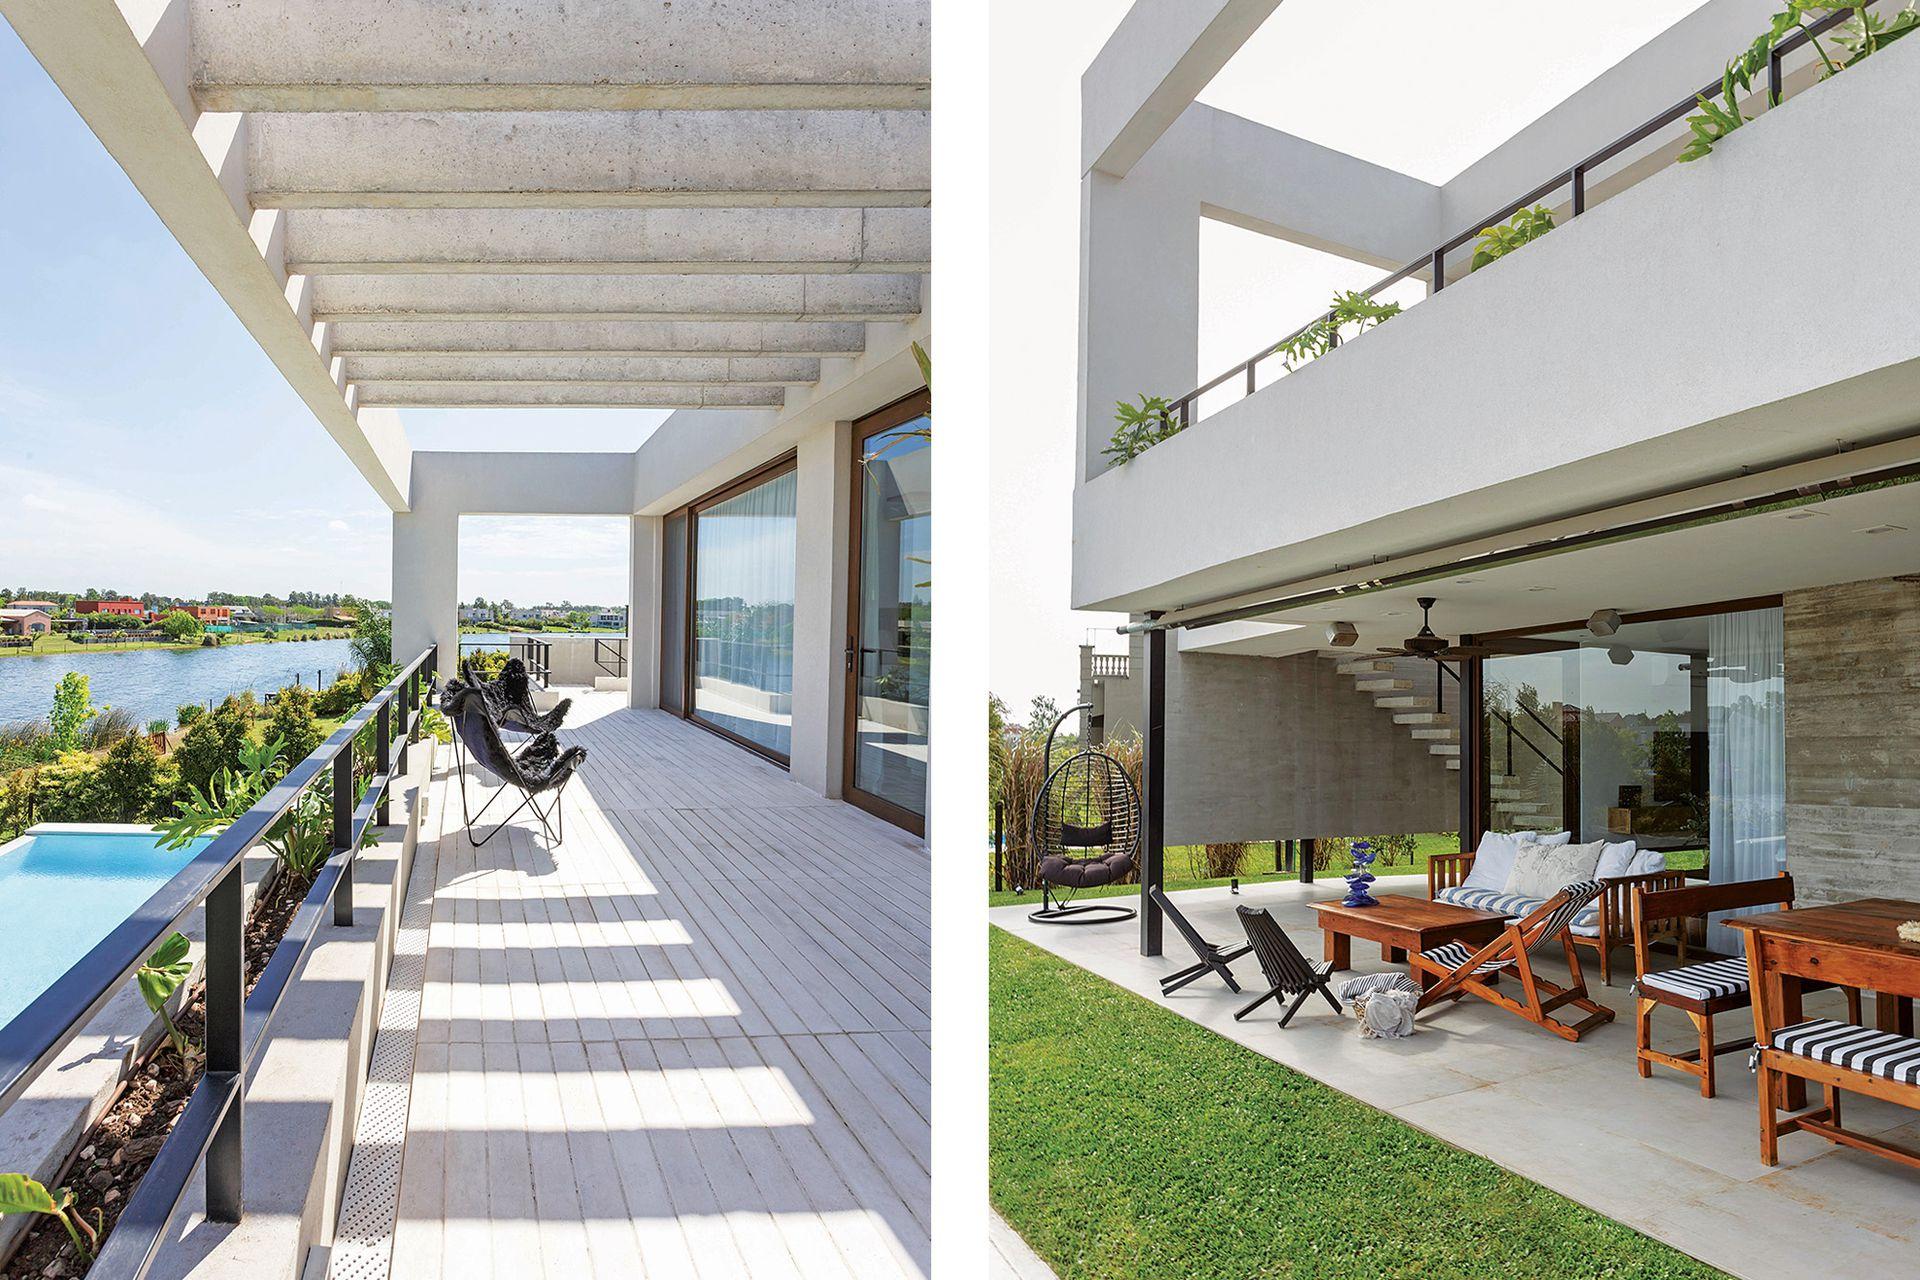 La pérgola de hormigón protege las ventanas de la suite principal del impacto directo del sol.